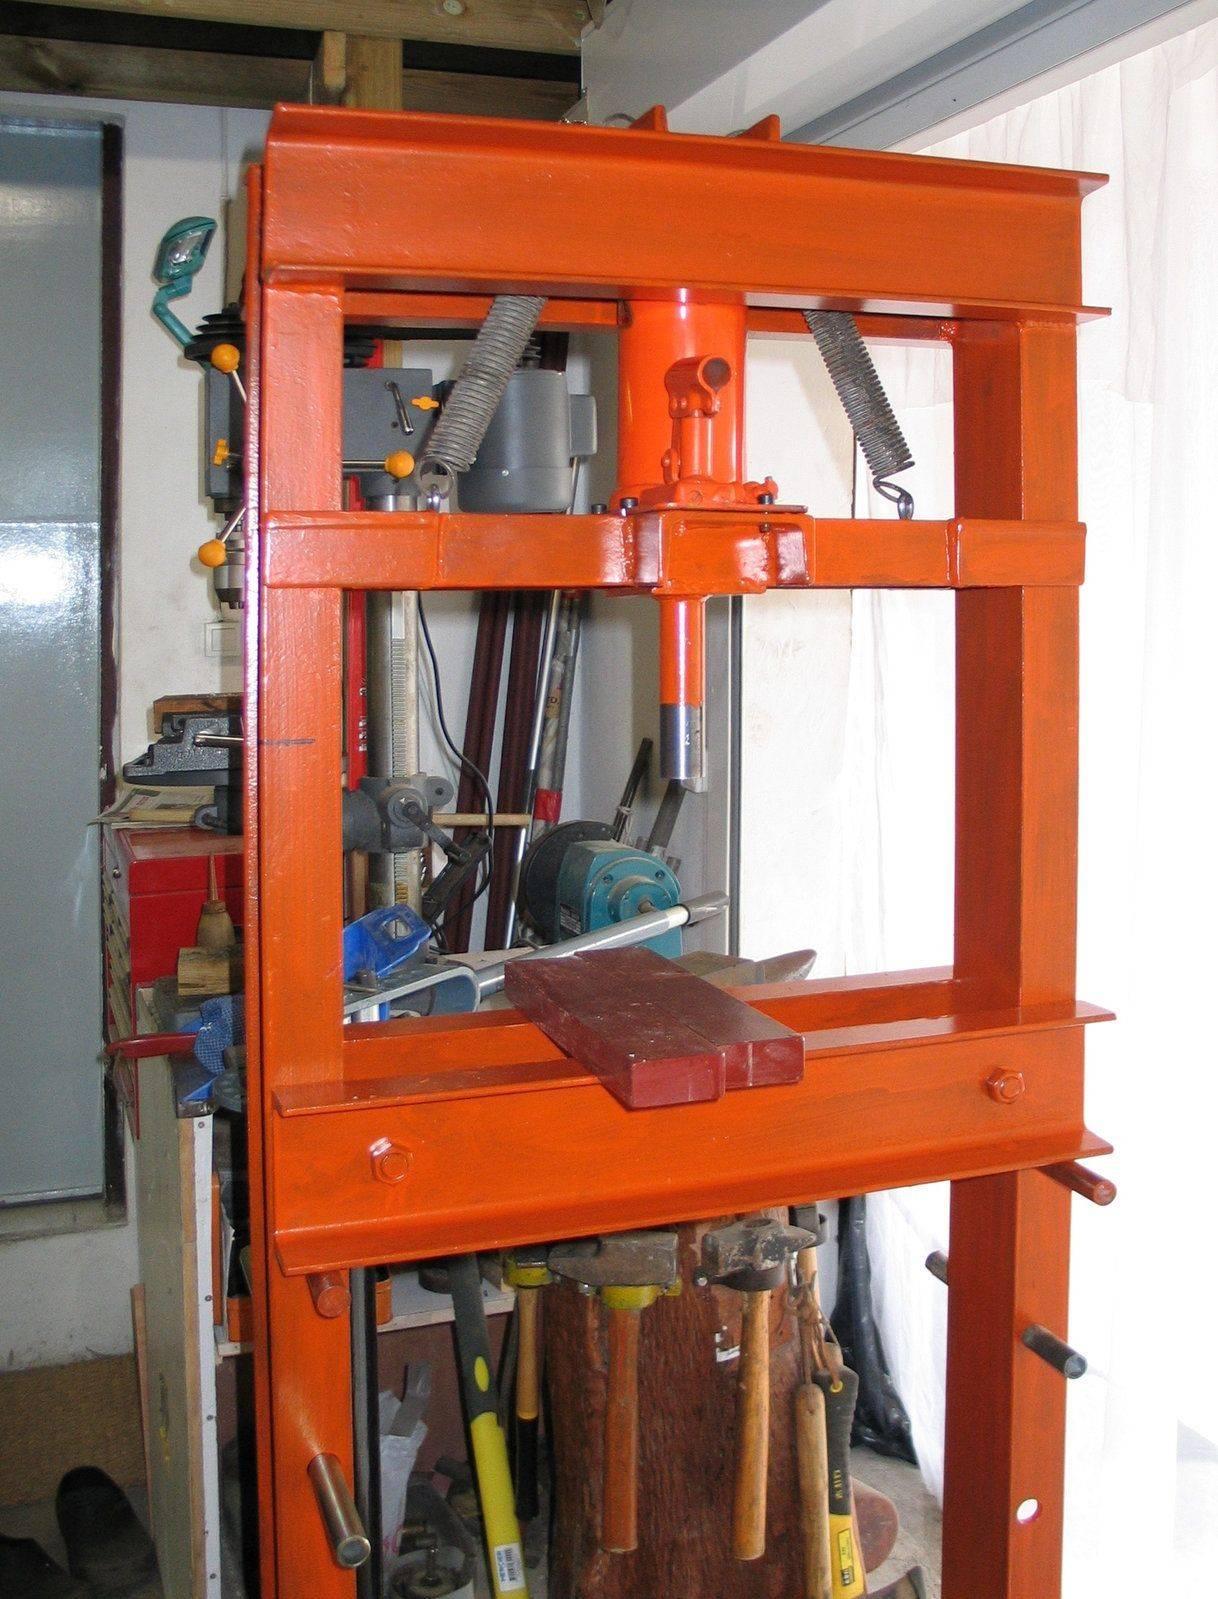 Hydraulic press 005.jpg